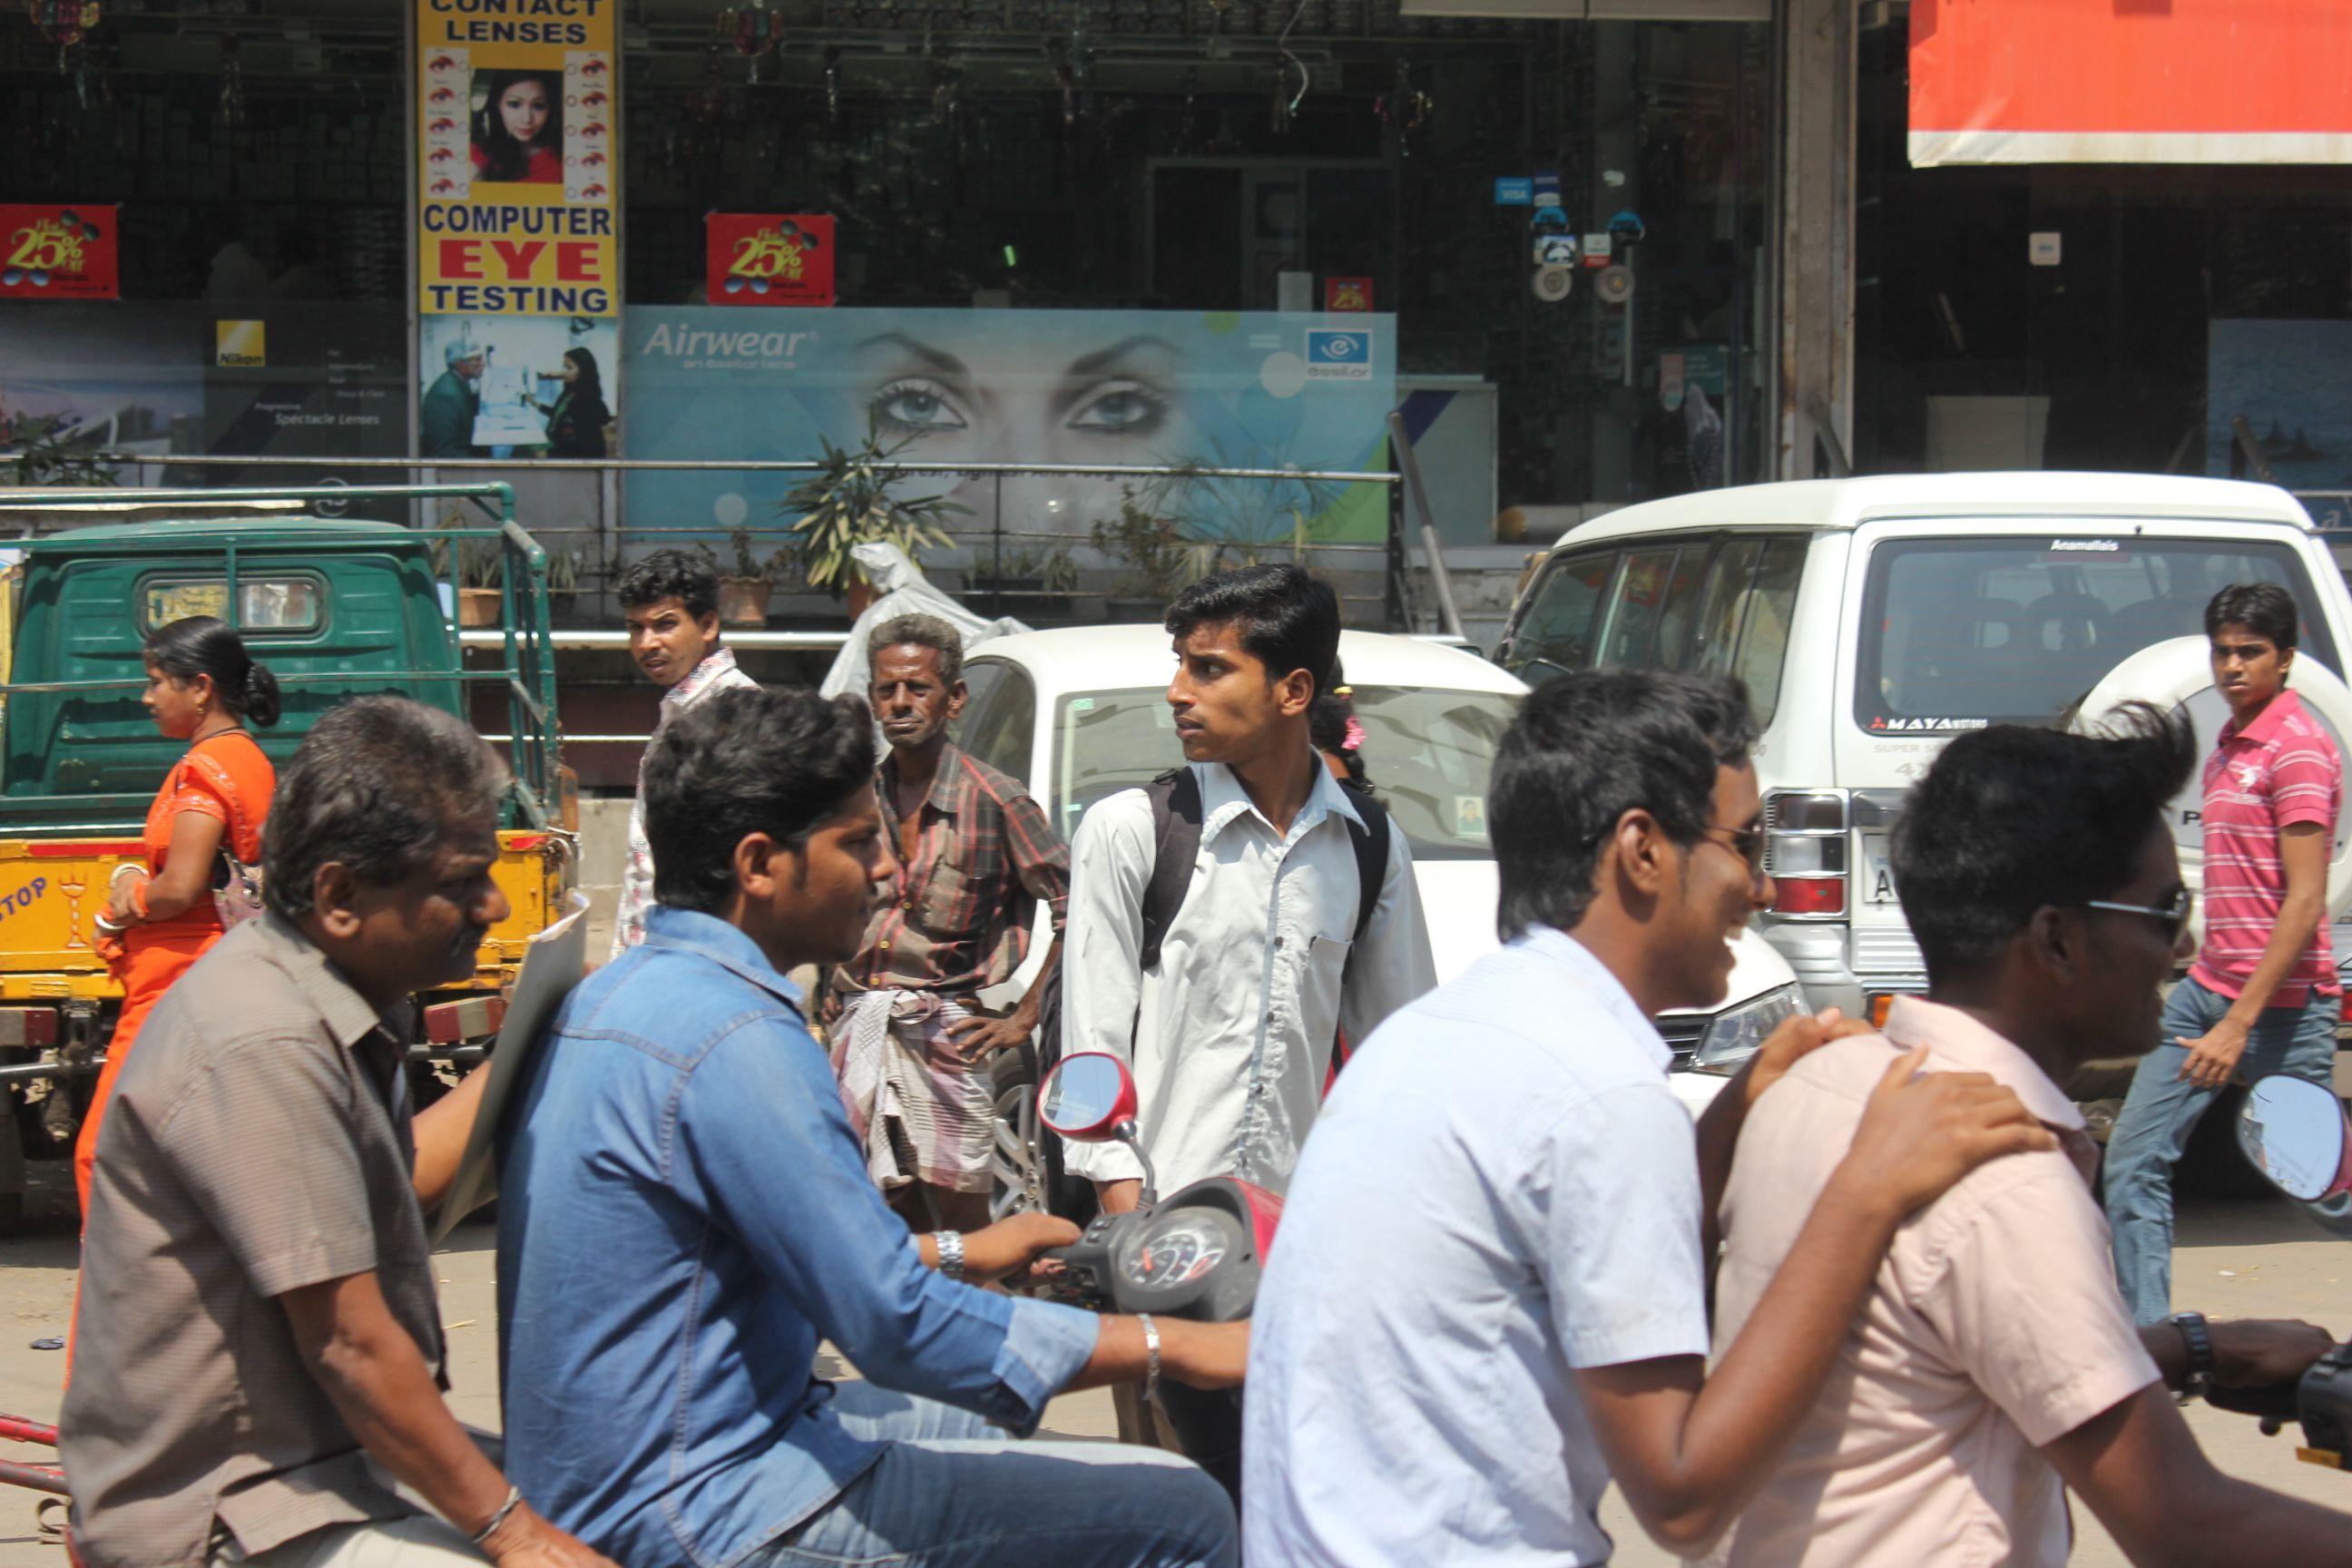 Zoznamka v meste Chennai India Zoznamka Lovestruck